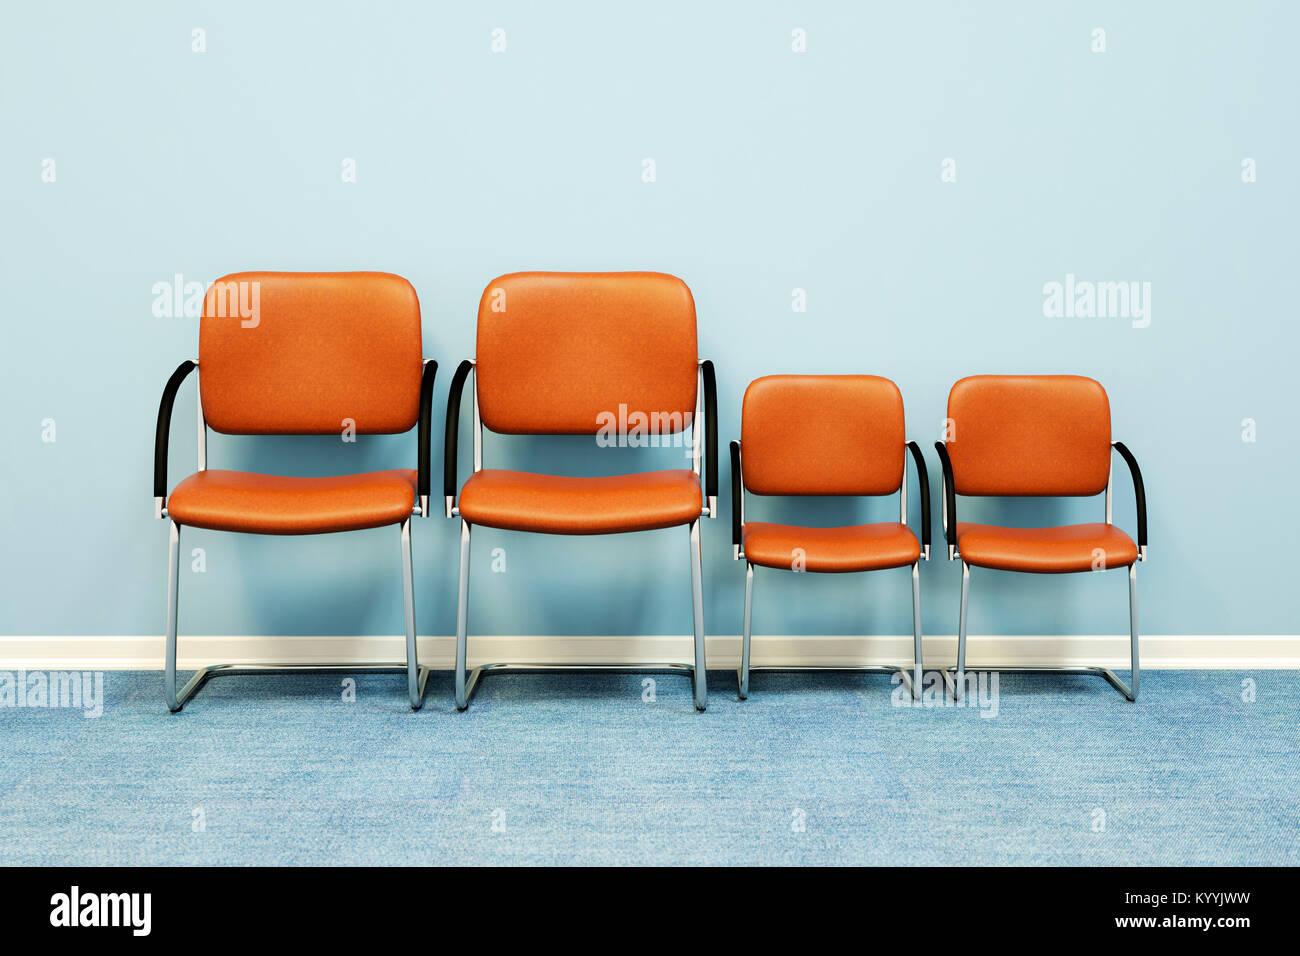 Due grandi e due piccole sedie in fila contro una parete in una stanza vuota - Concetto di famiglia Foto Stock